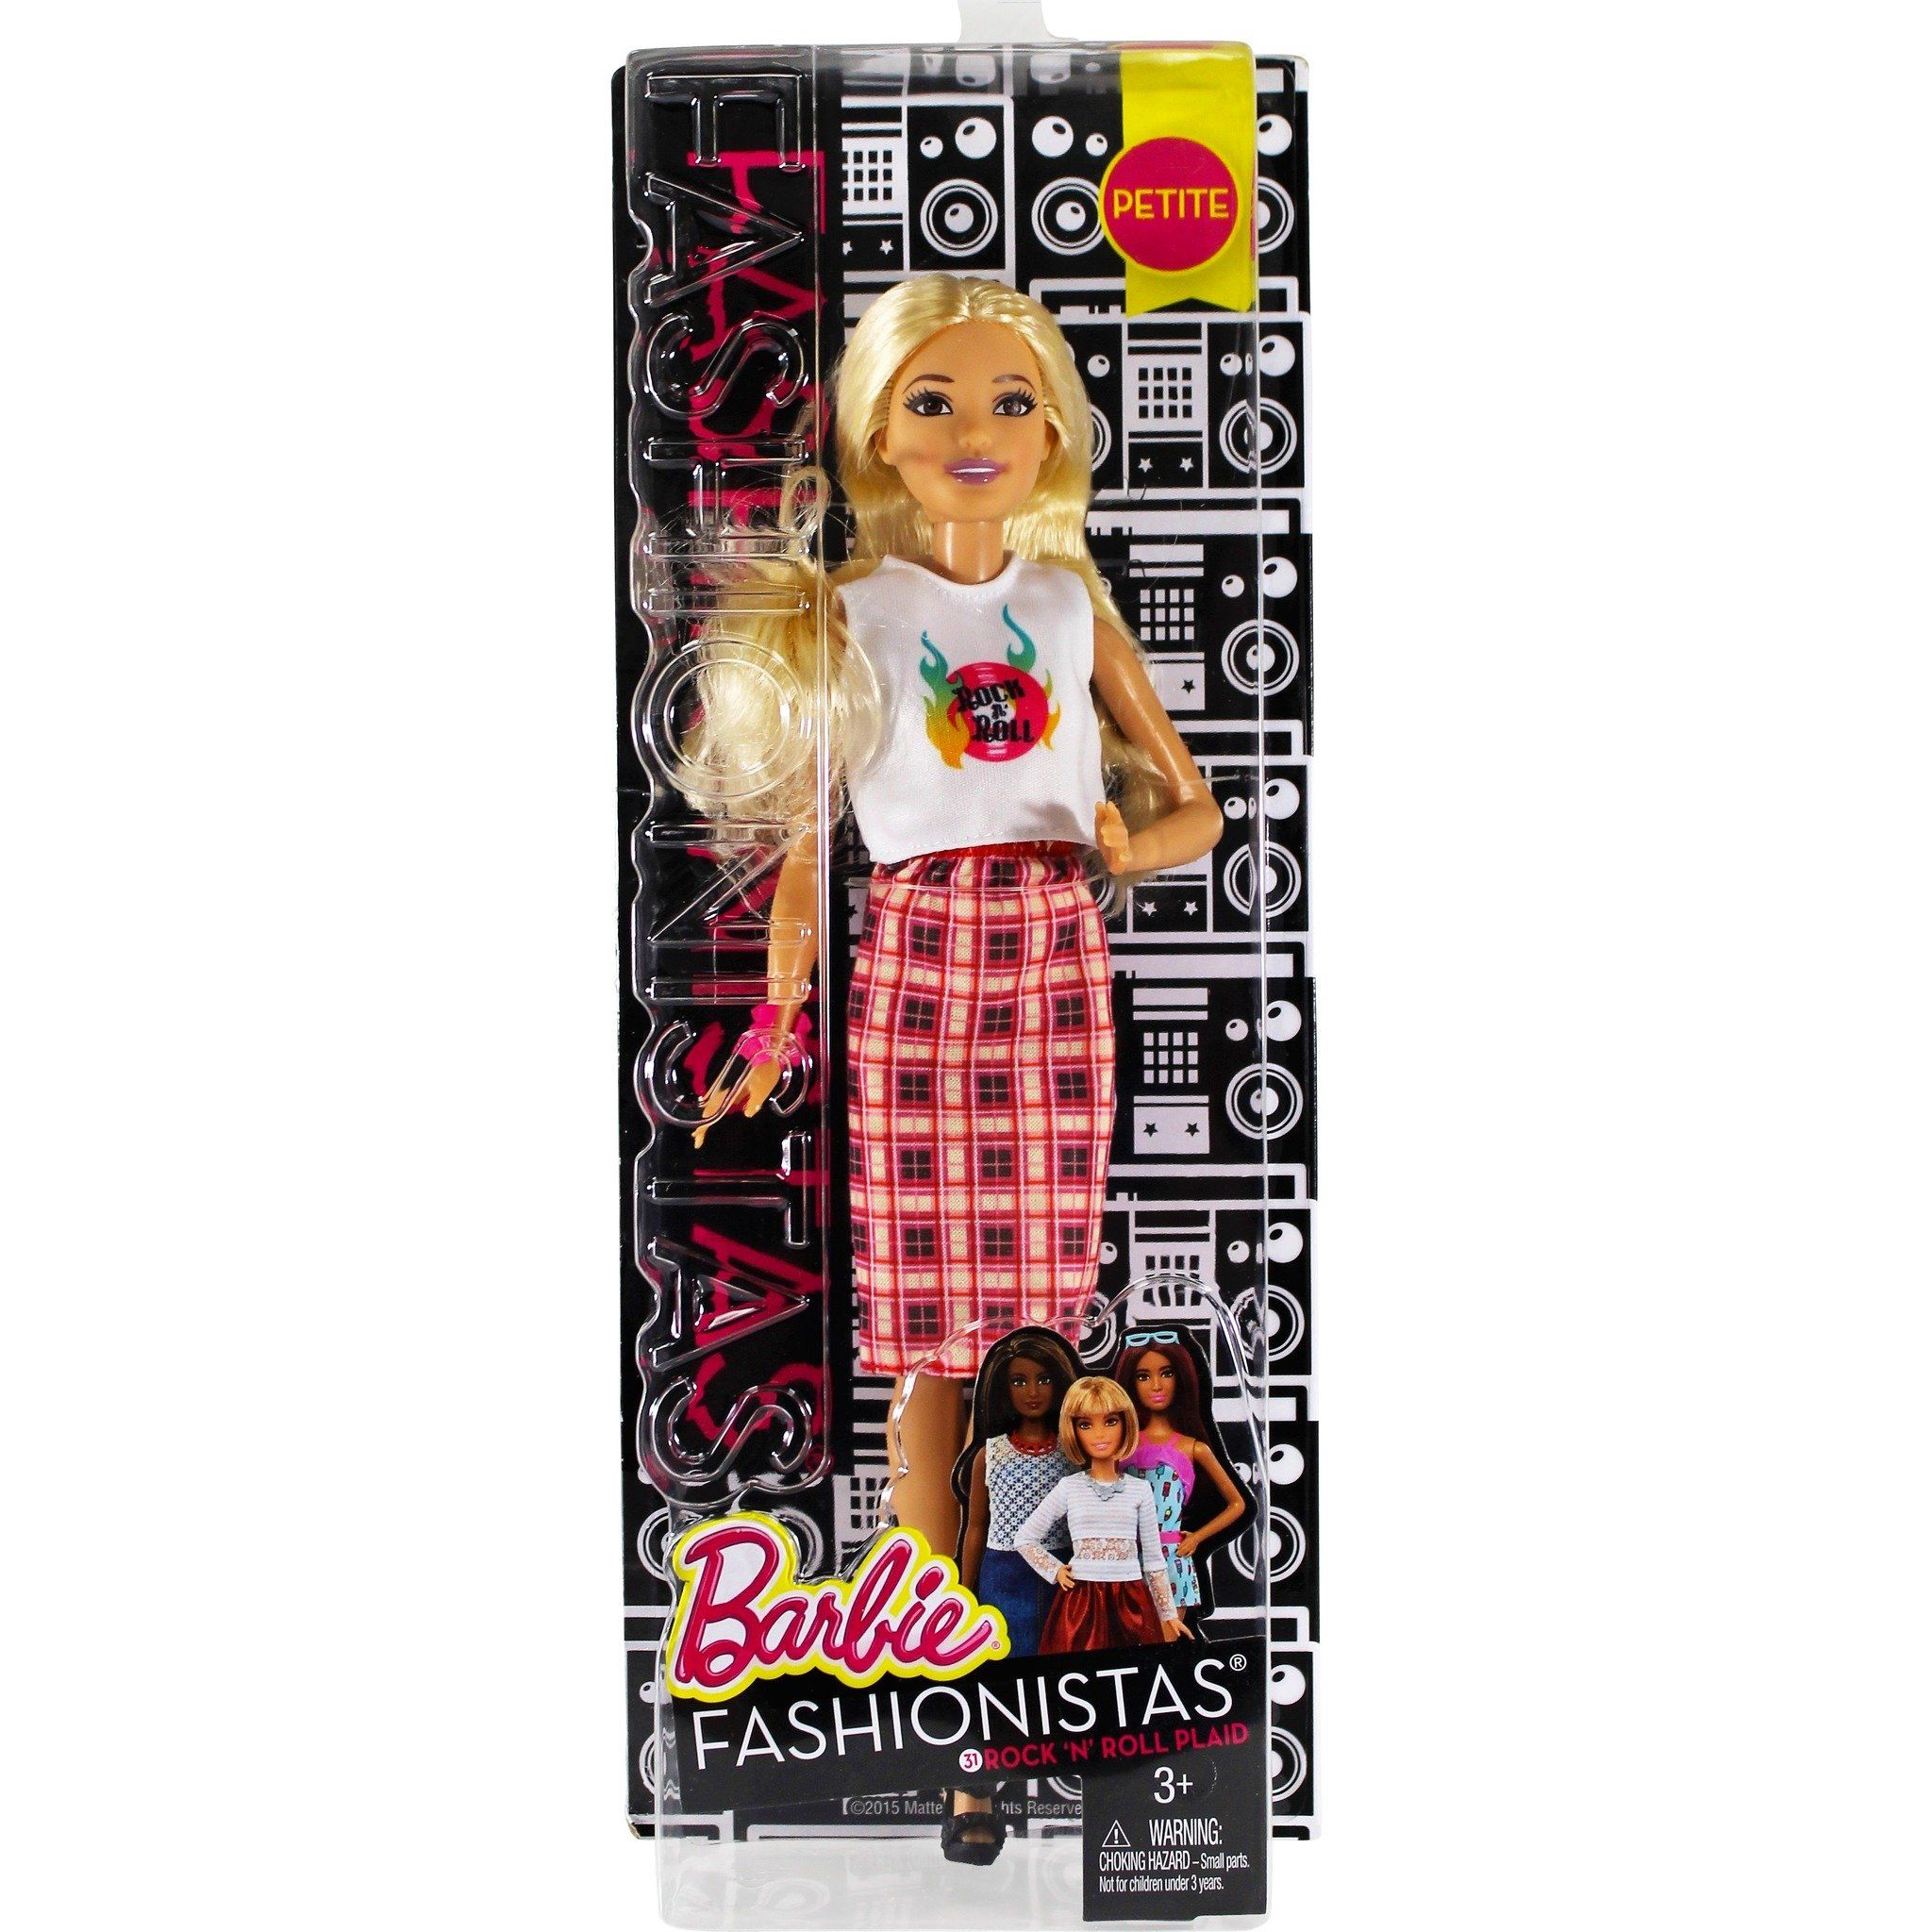 Barbie Fashionista Doll 31 Rock 'N' Roll Plaid